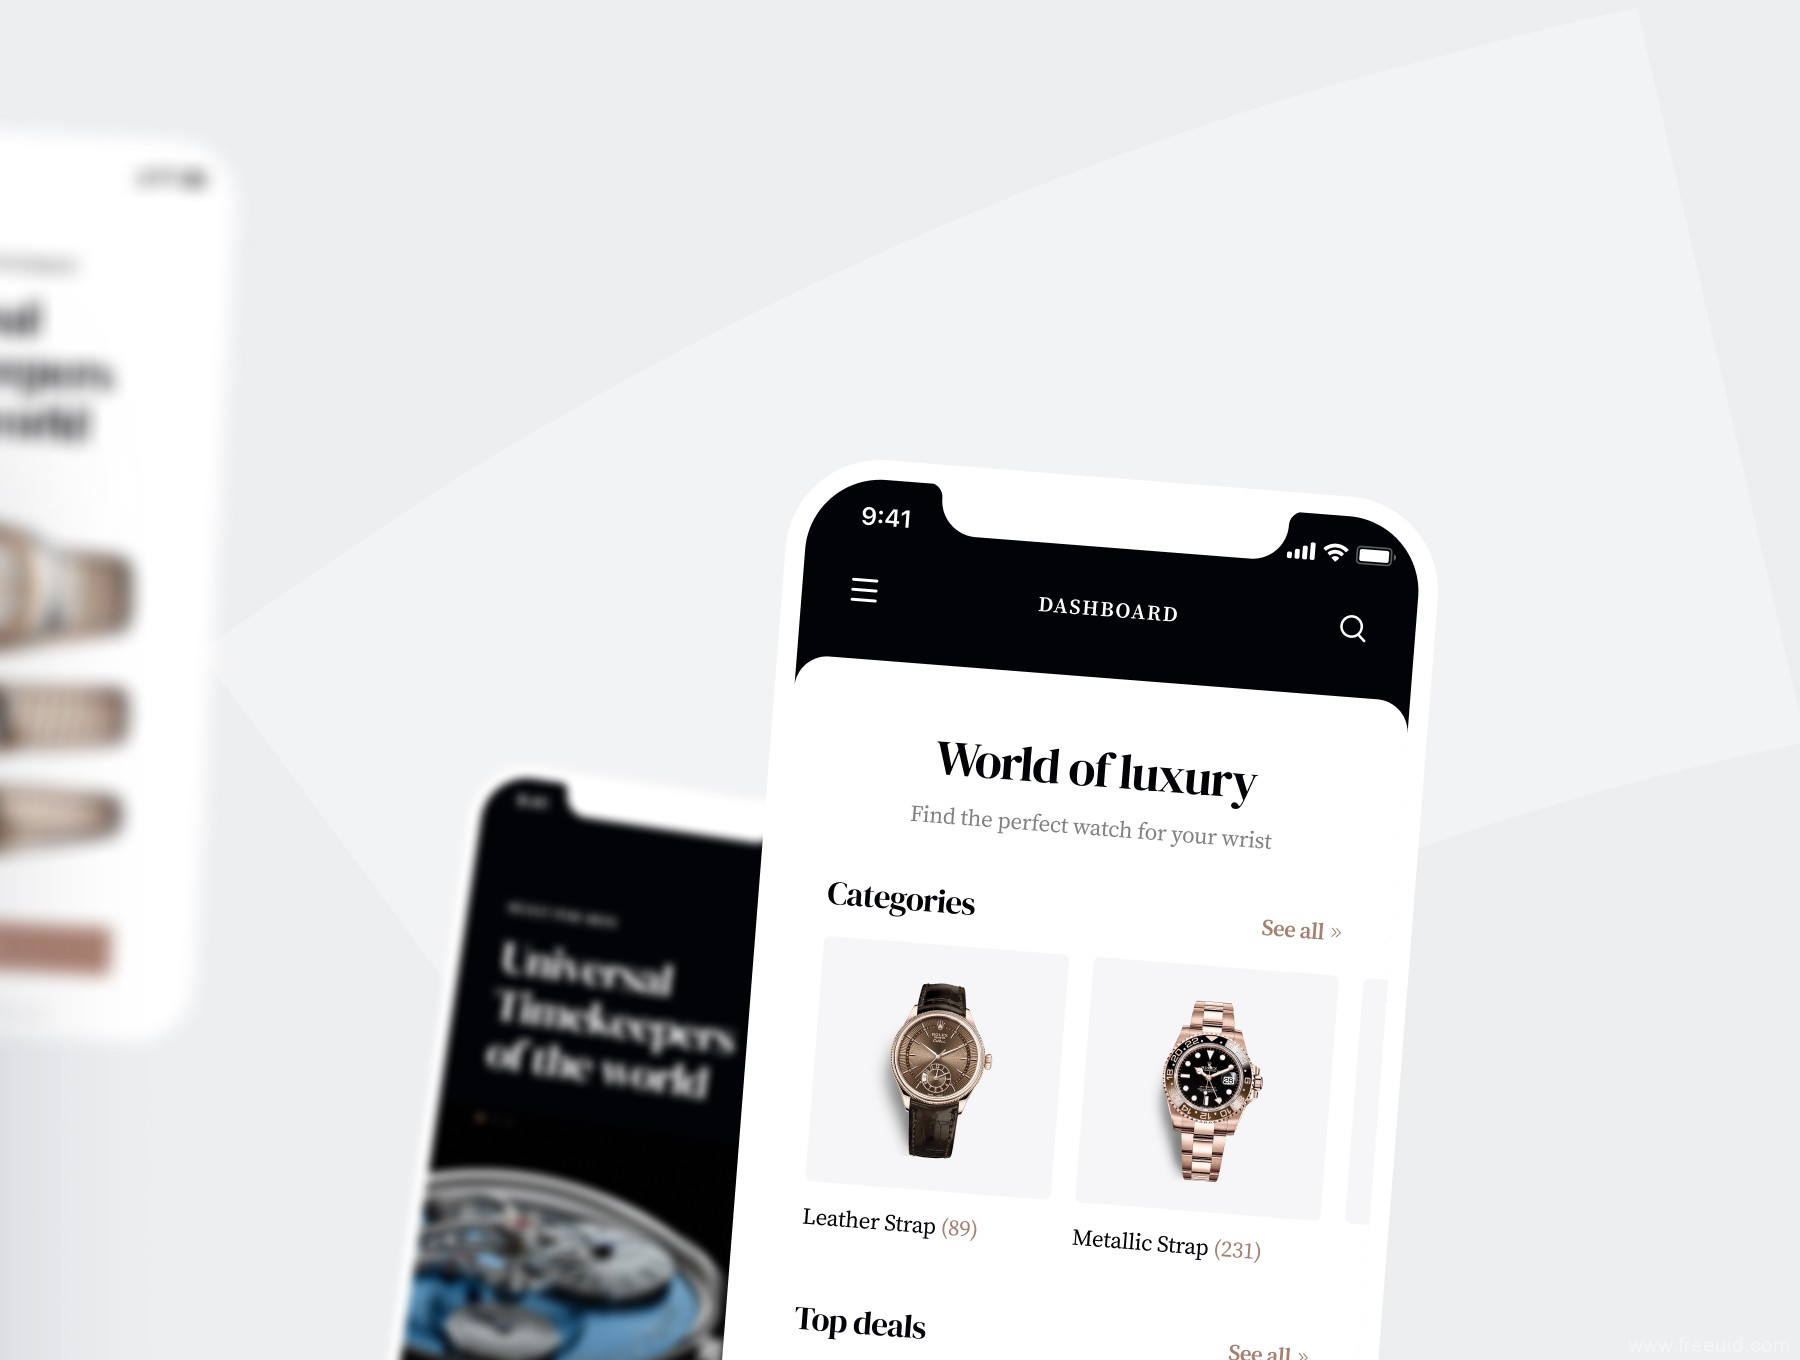 高端手表电商app UI资源下载,高端电商app UI源文件下载,手表电商UI素材 xd,sketch,fig源文件